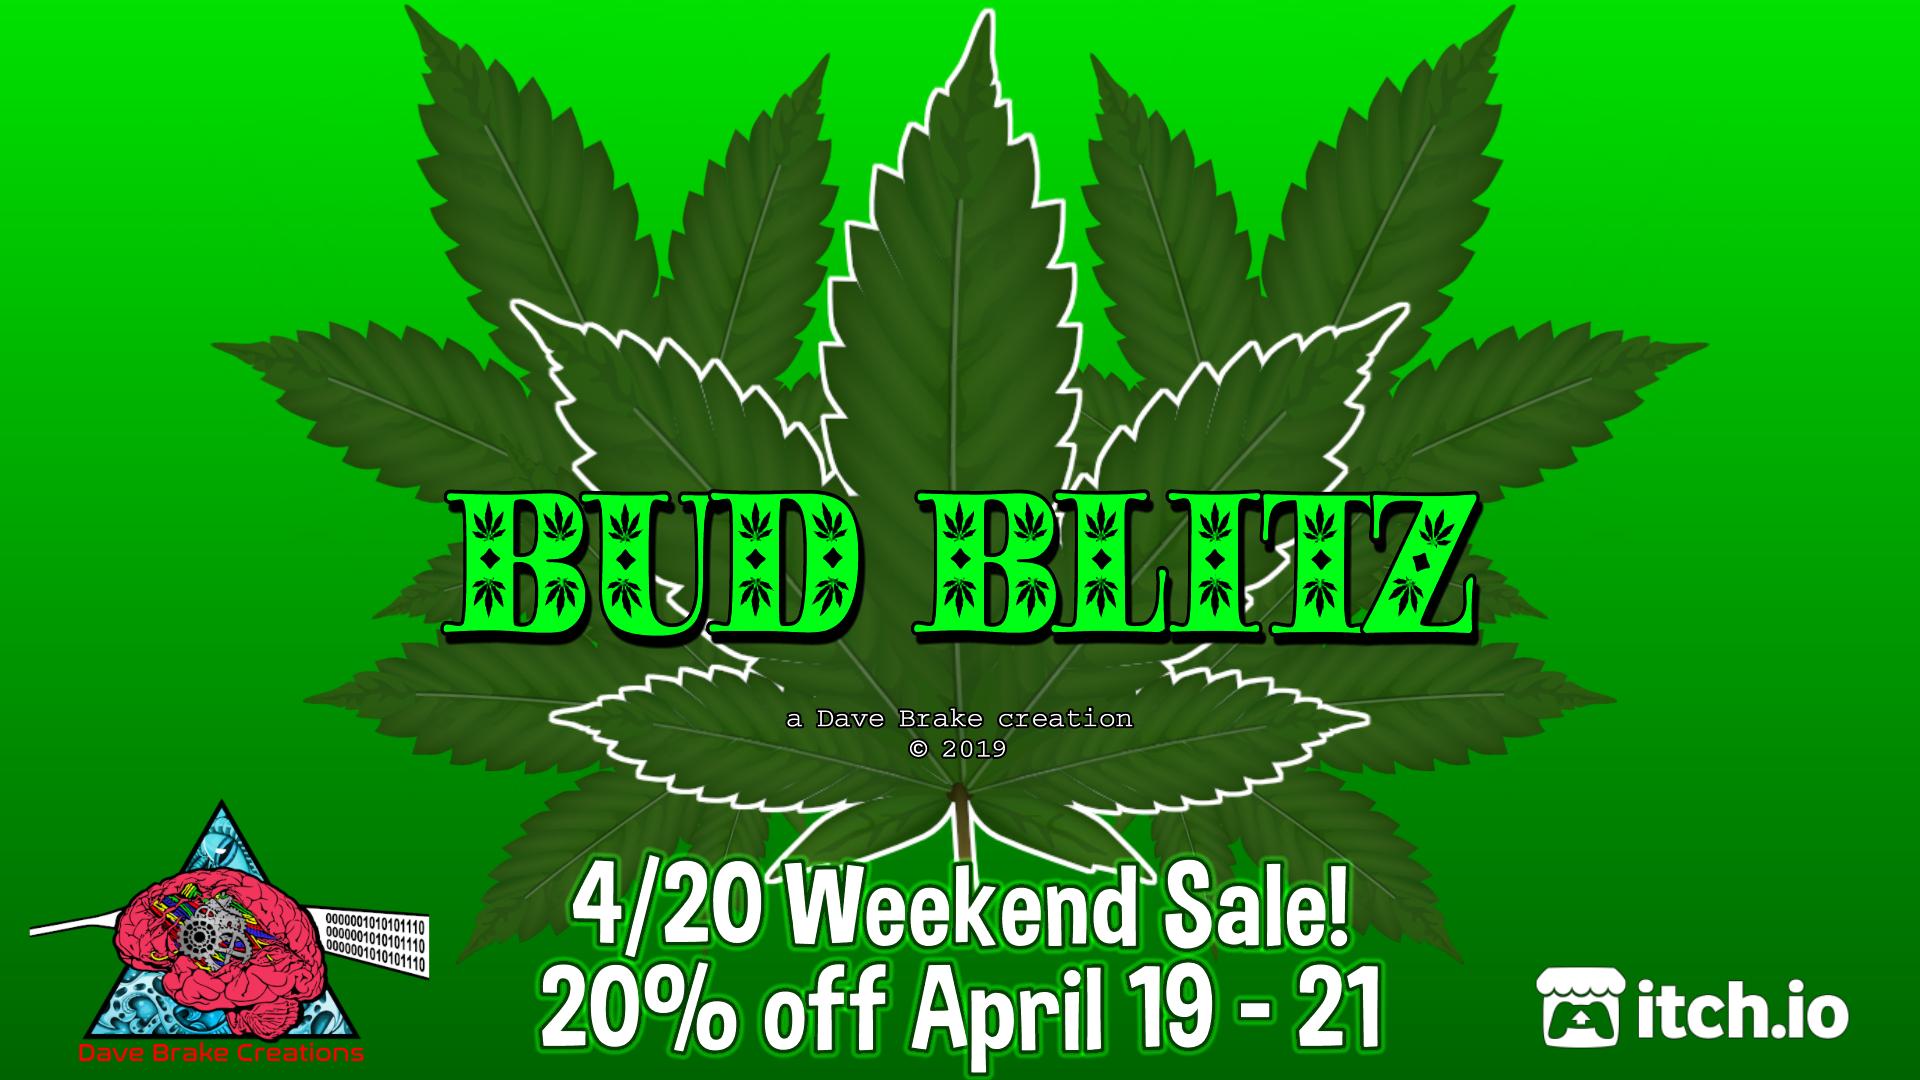 BB_420_Weekend_Sale_2019.png